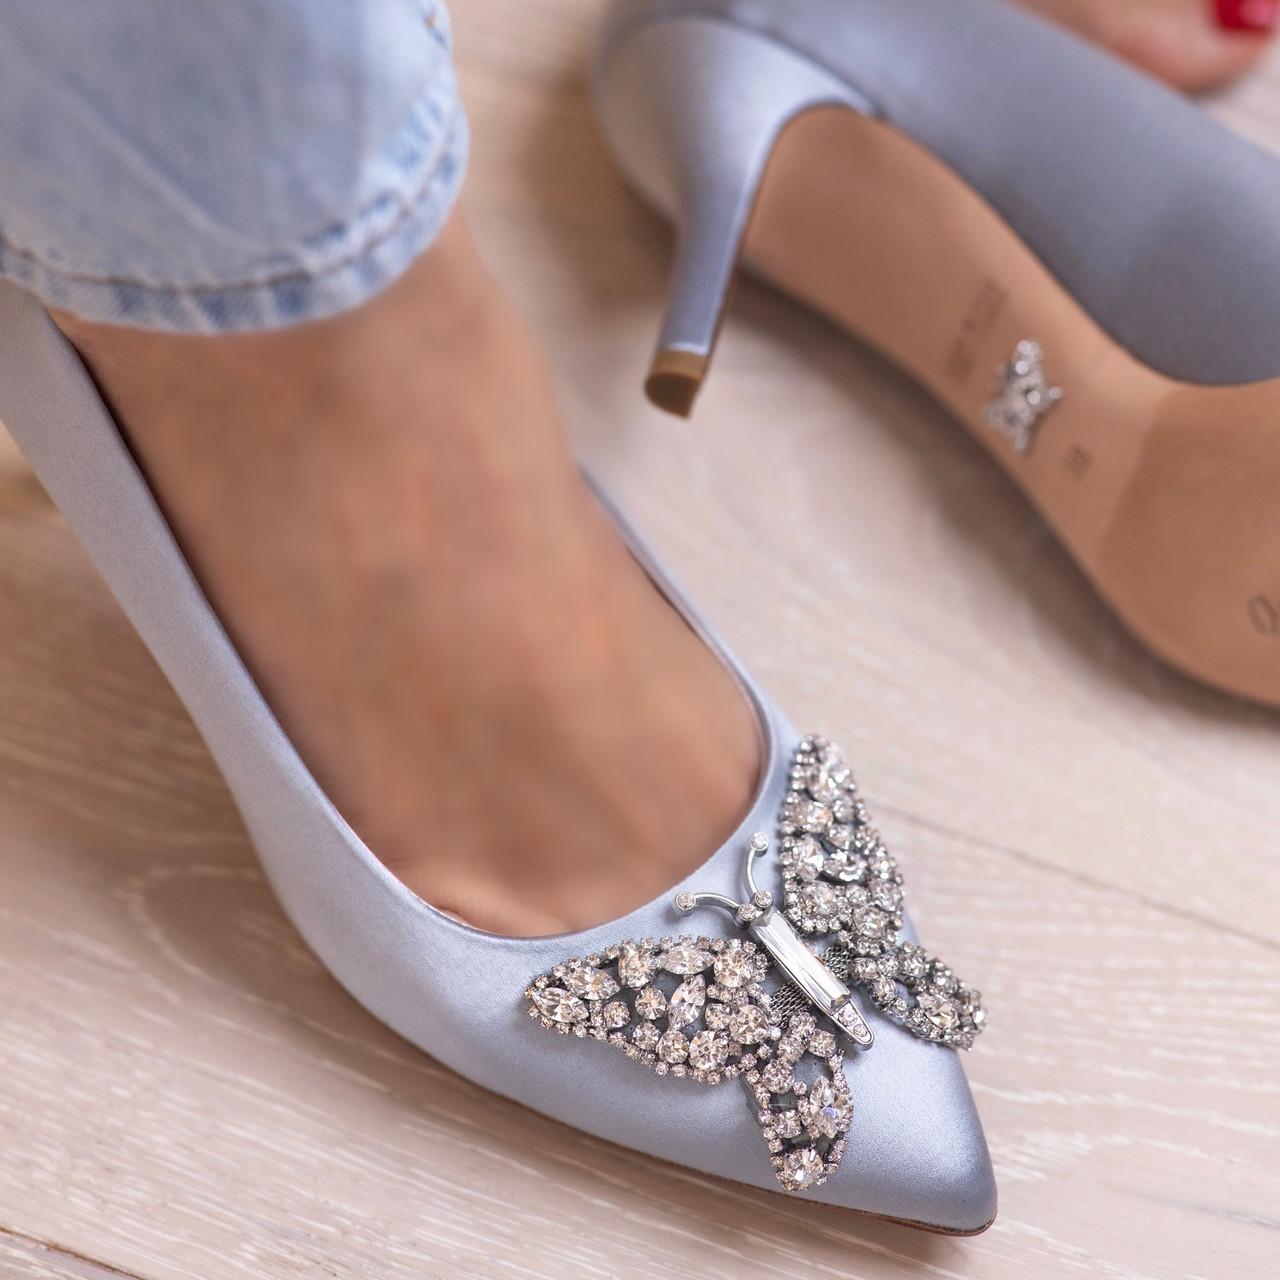 Emilia Farfalla Stiletto Silver Satin